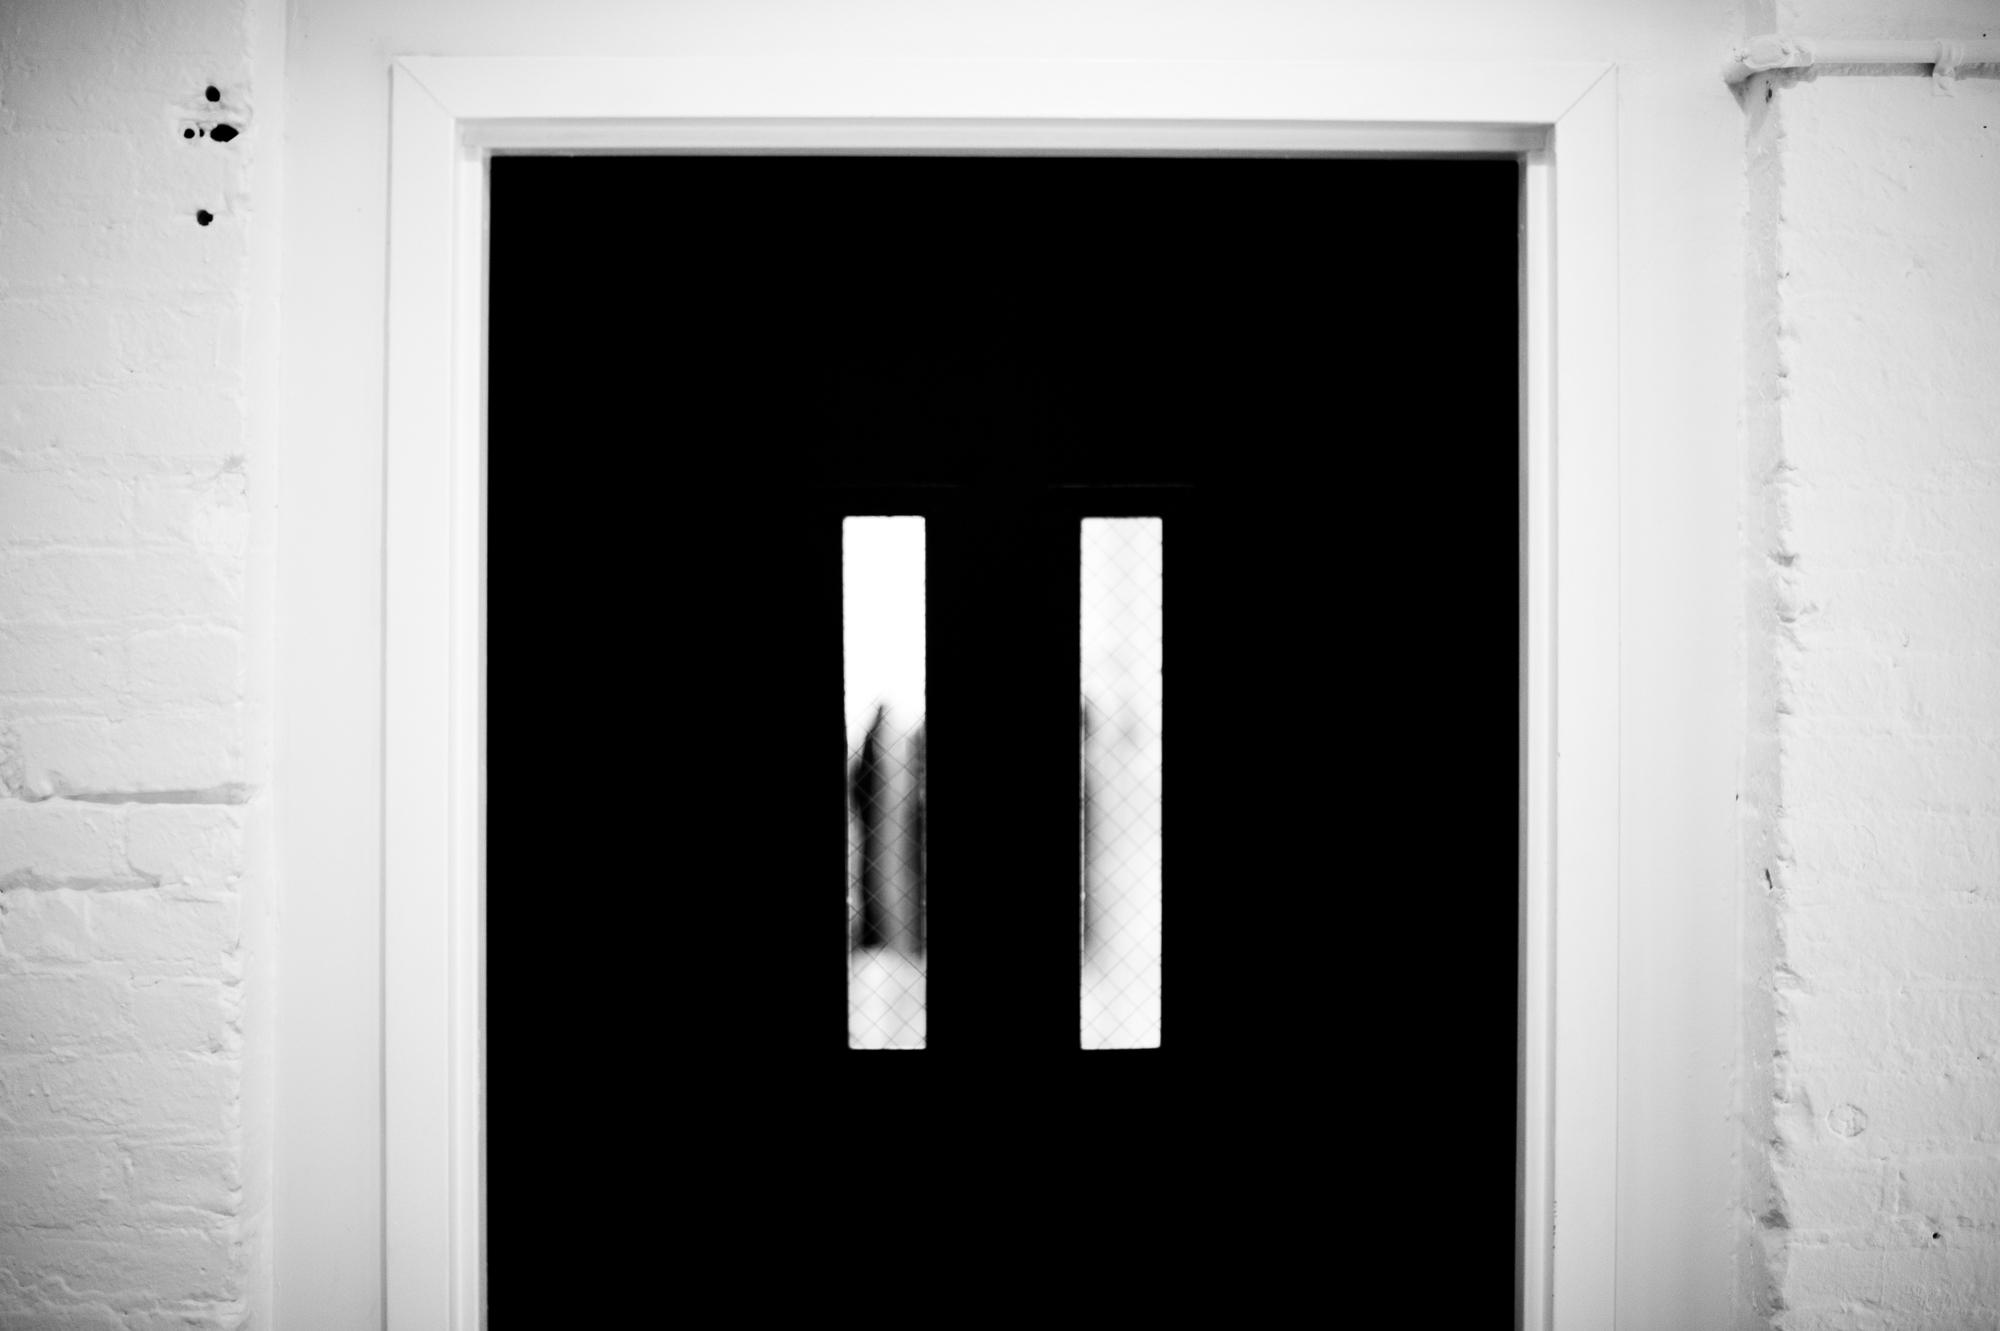 Boris Bidjan Saberi 11 by BBSNY ボリス・ビジャン・サベリ ニューヨーク ソーホー soho